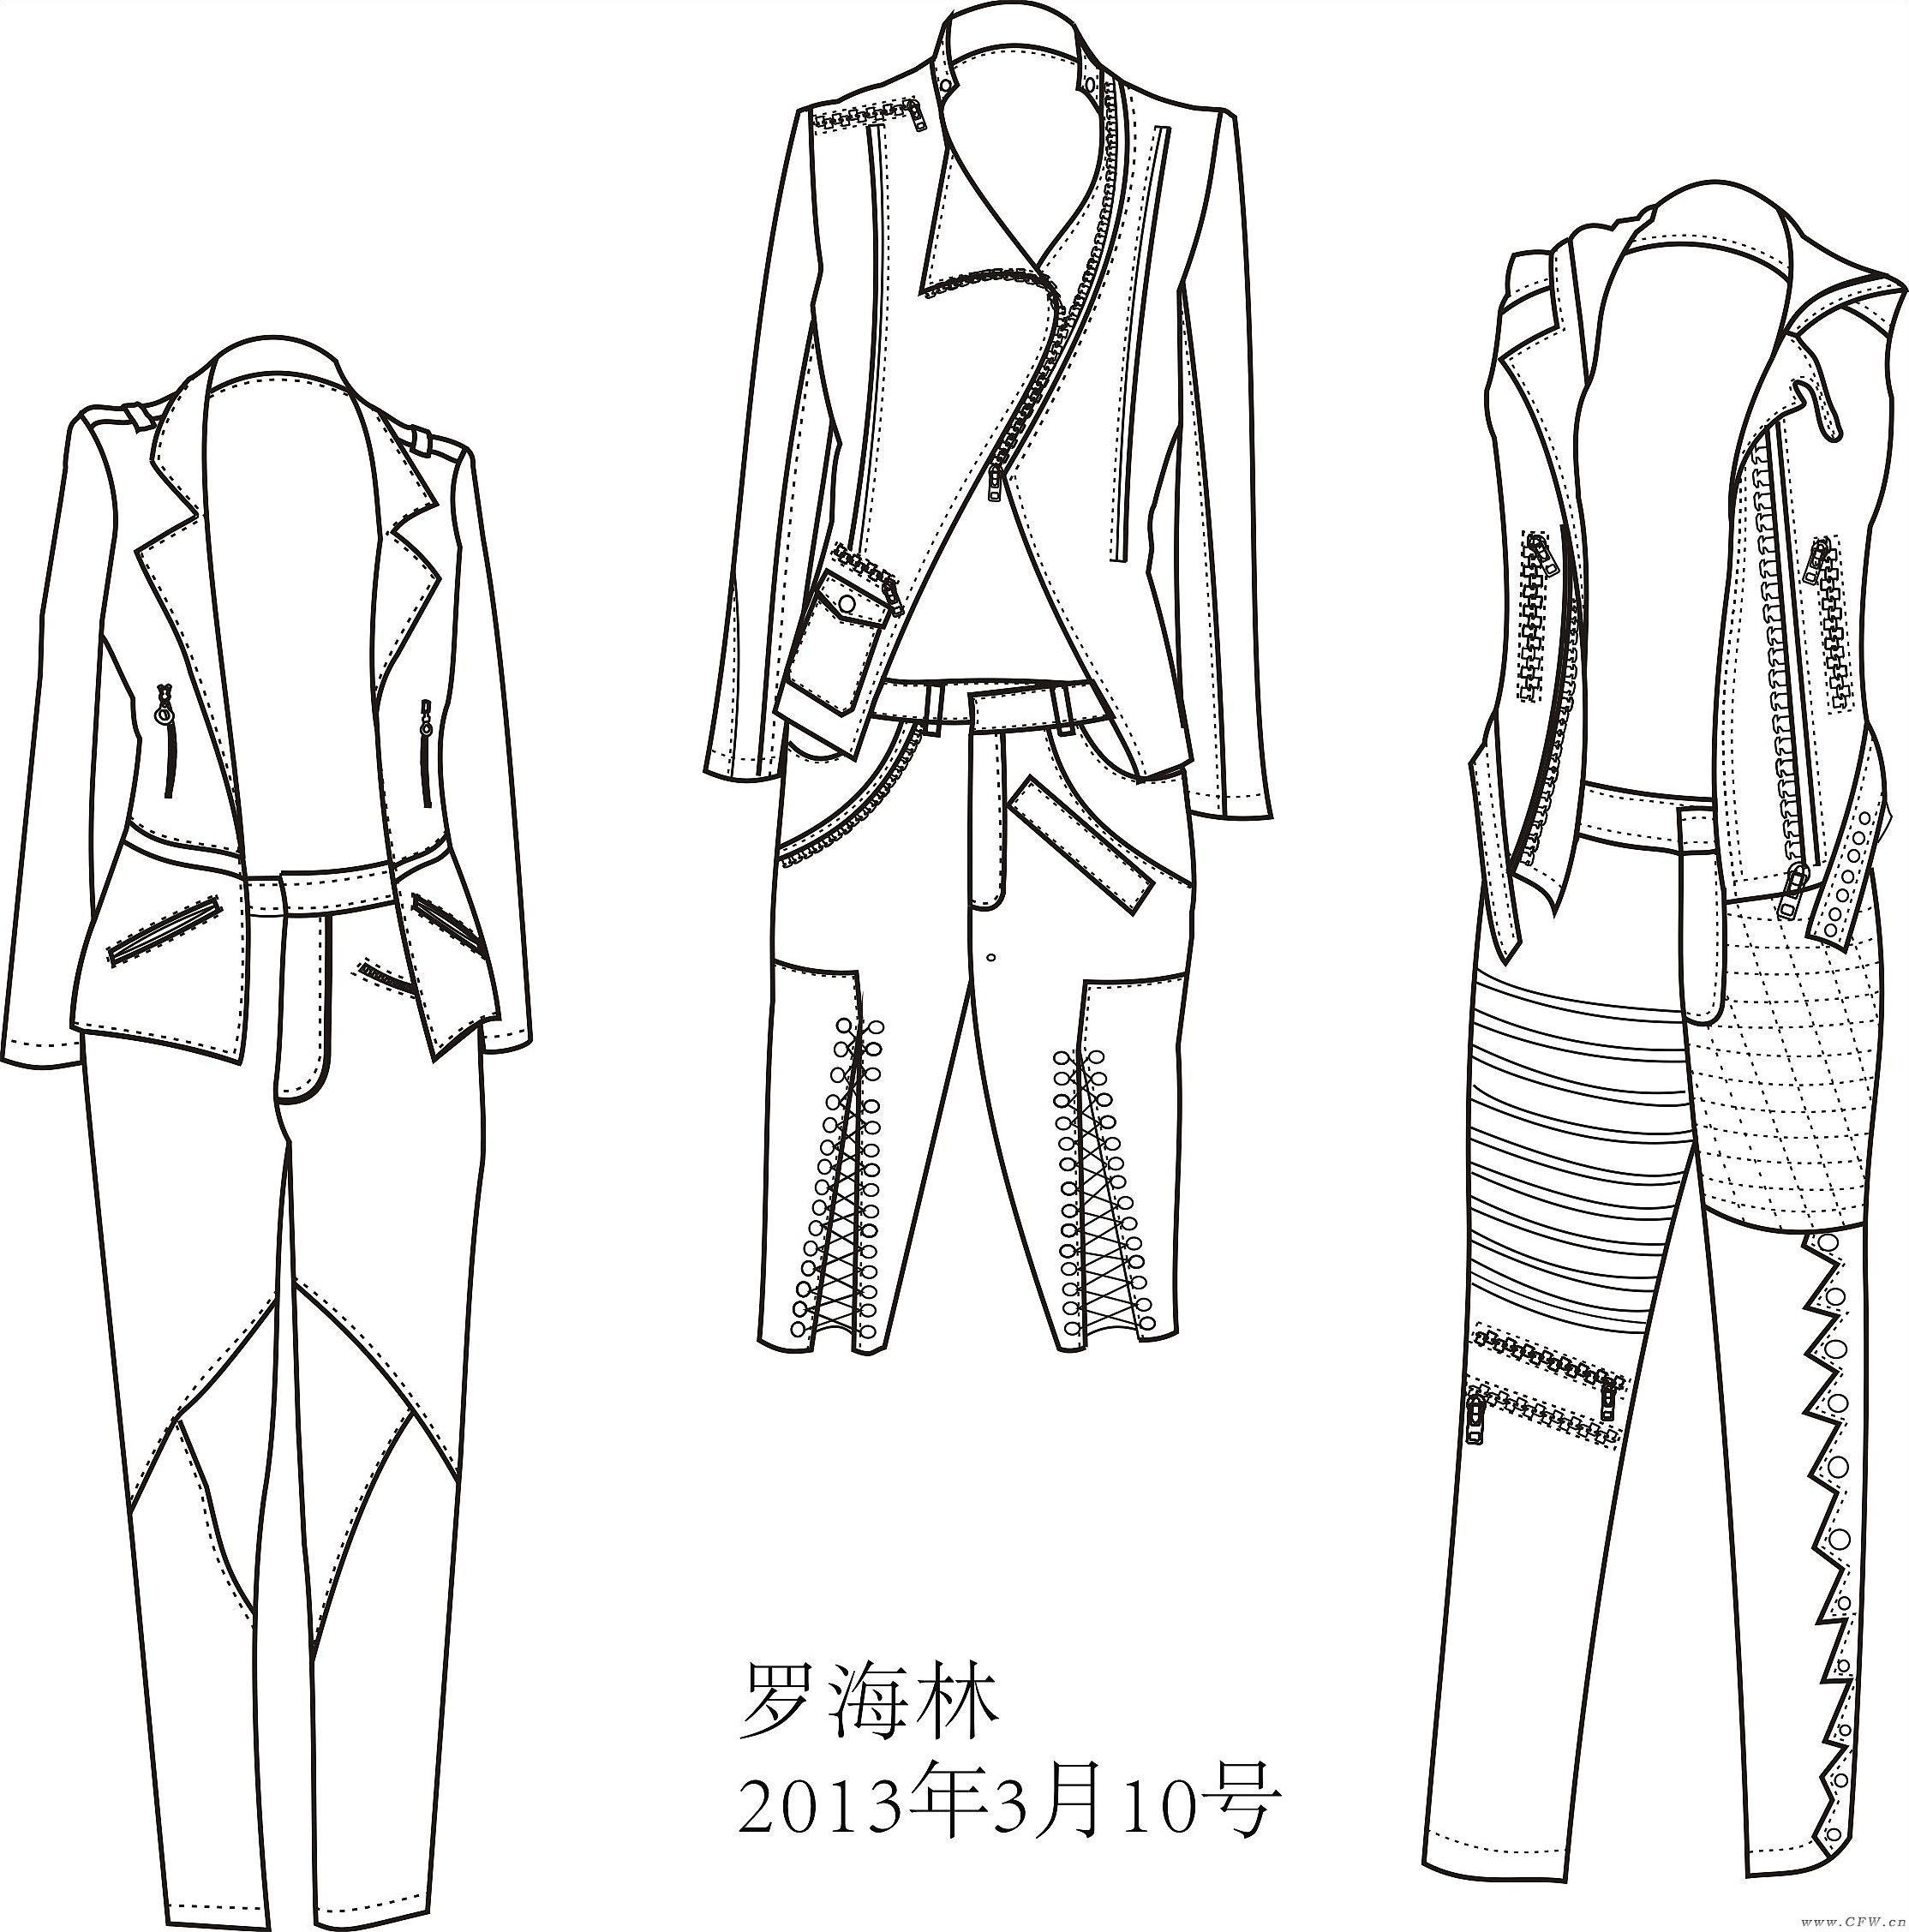 衣服款式圖-女裝設計-服裝設計